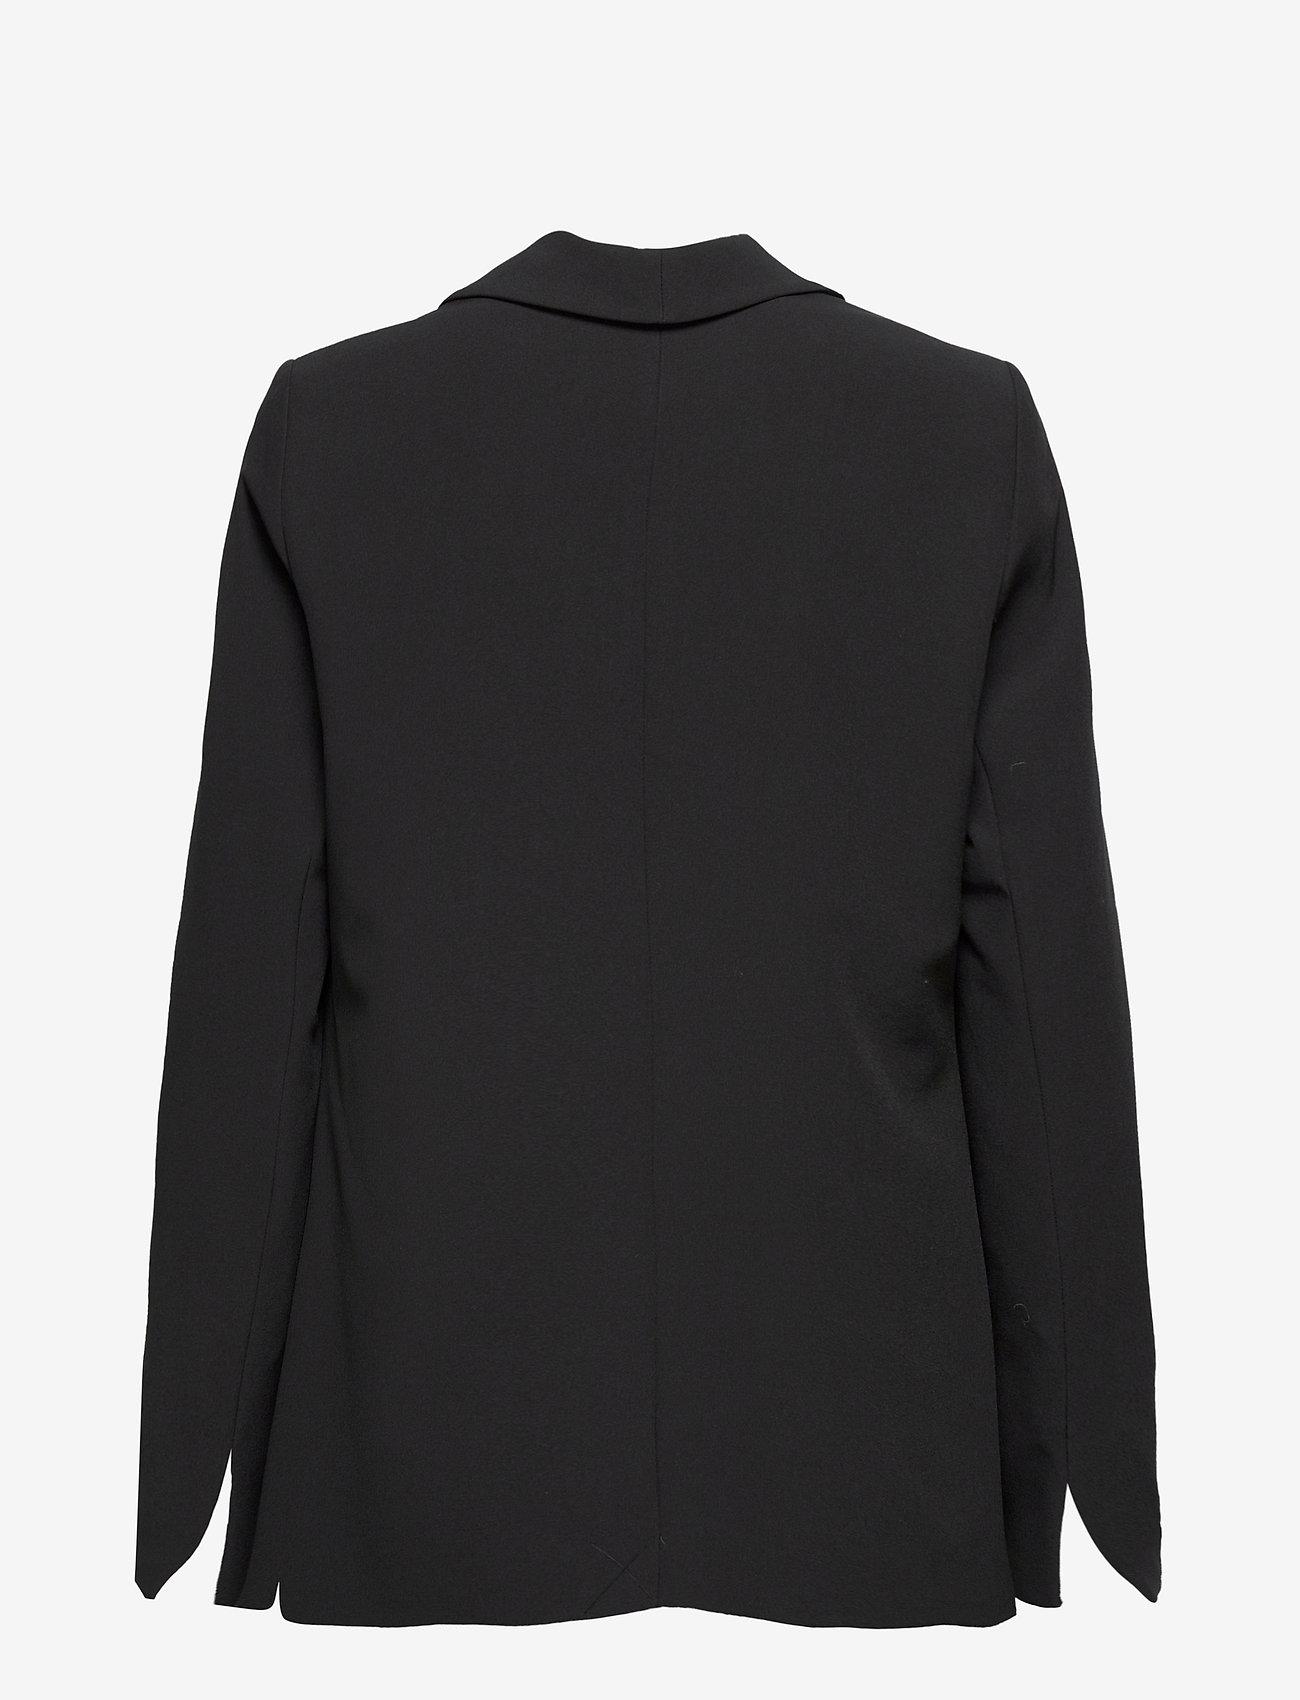 Levete Room - LR-HELENA - getailleerde blazers - l999 - black - 1